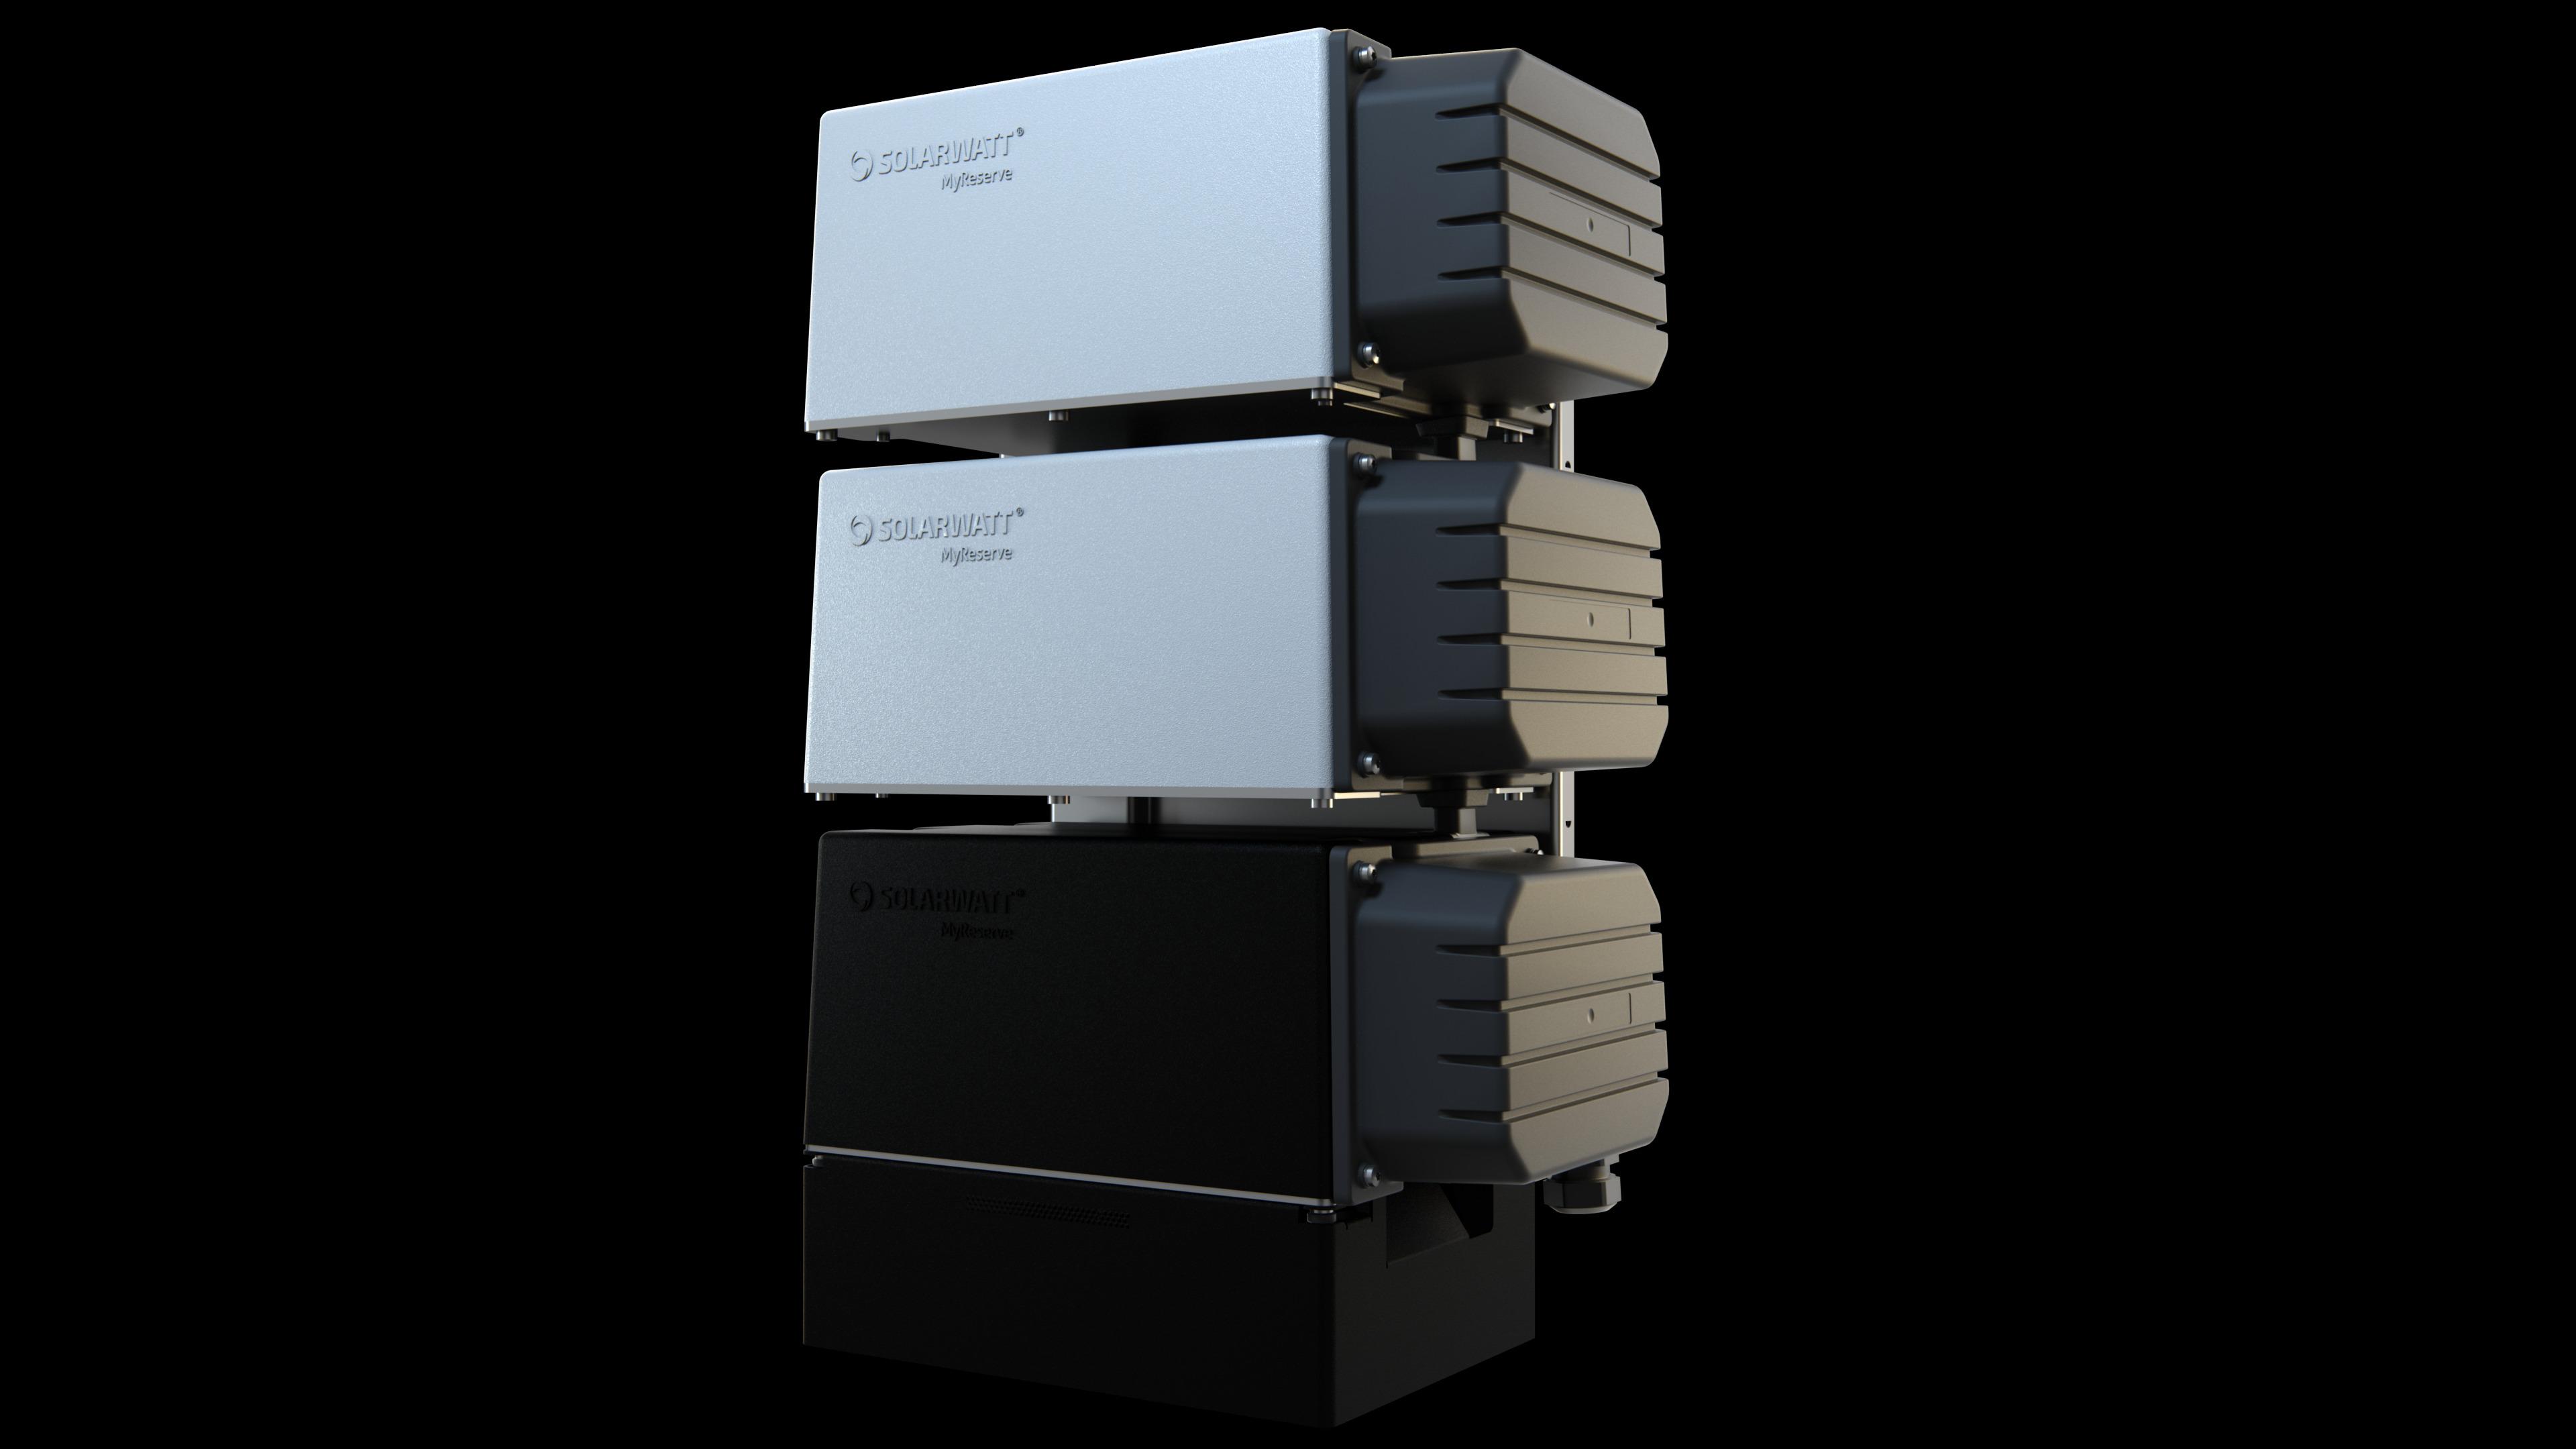 solarwatt-mrc252pack.jpg